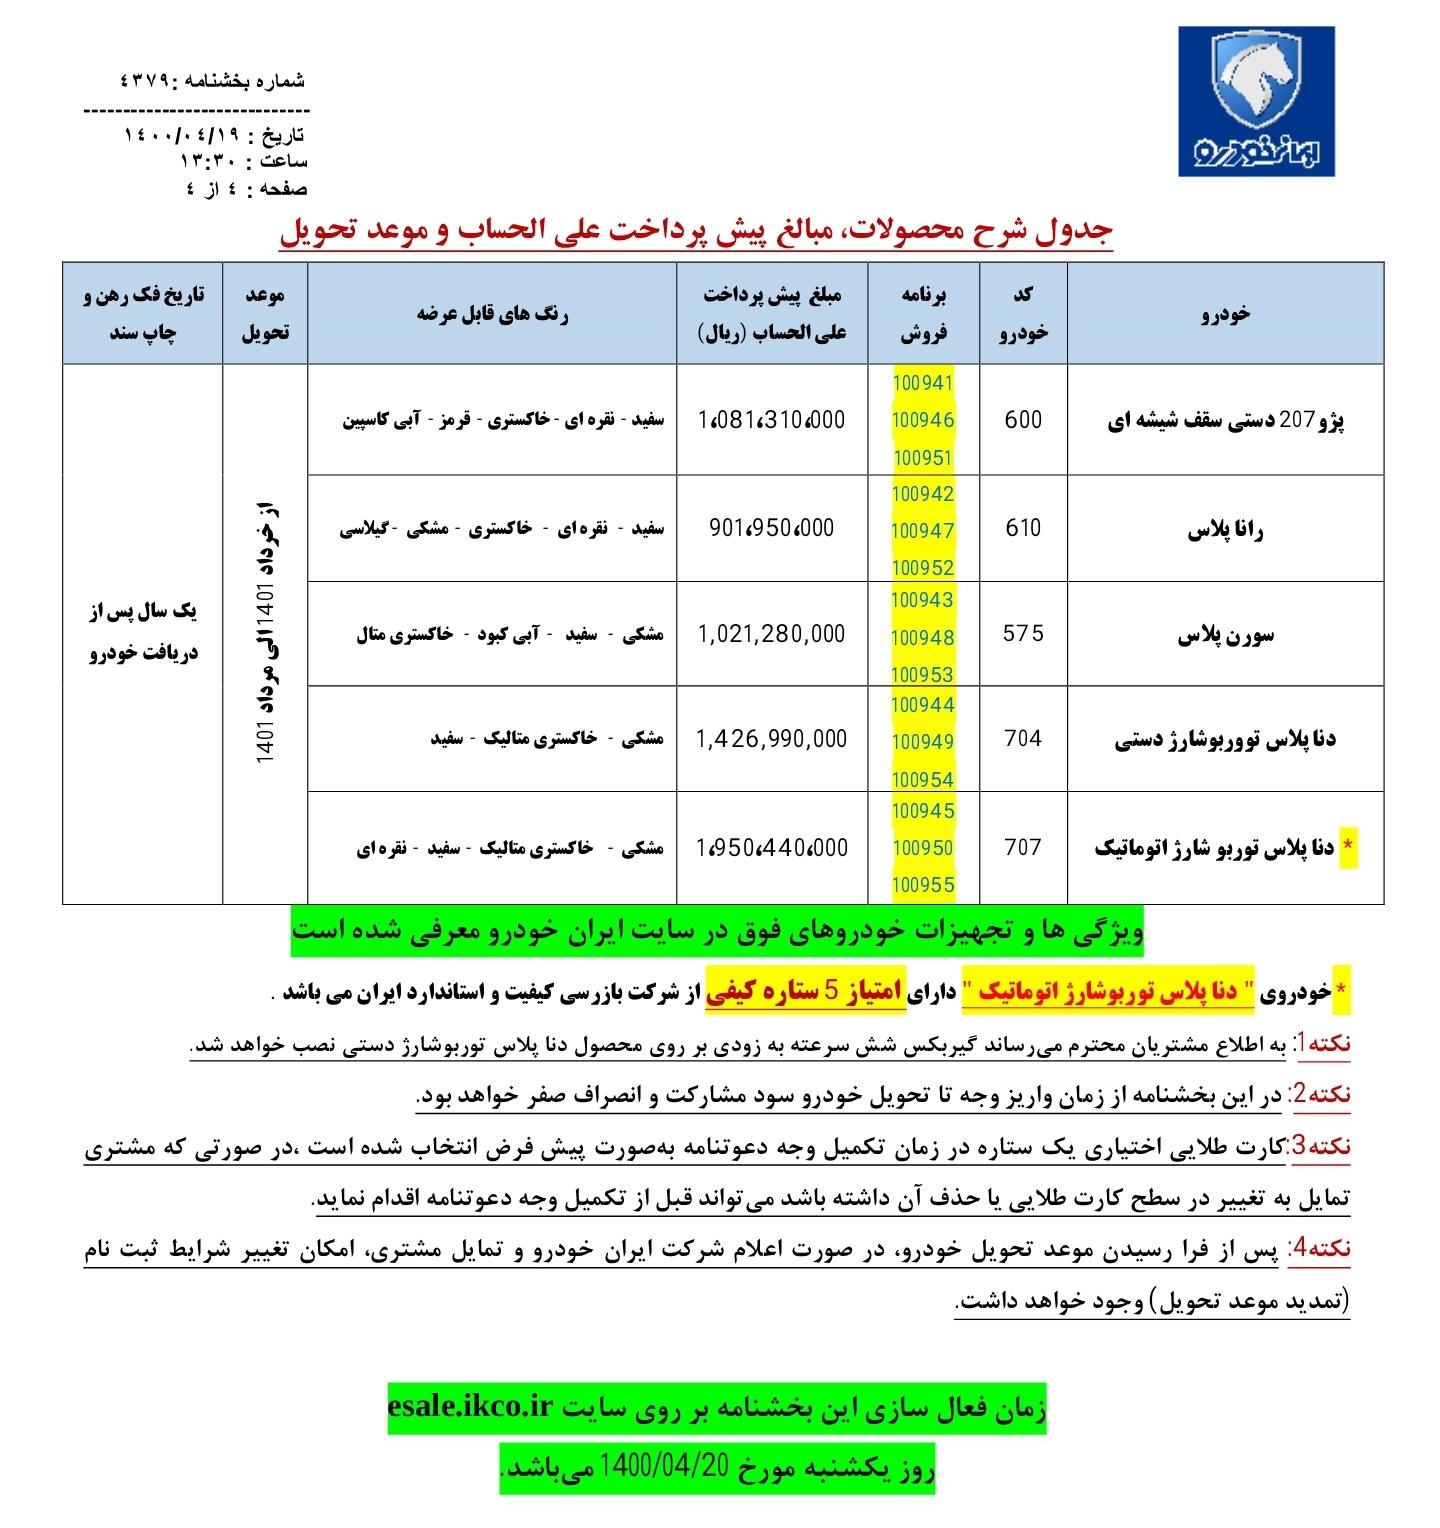 پیش فروش ایران خودرو یکساله